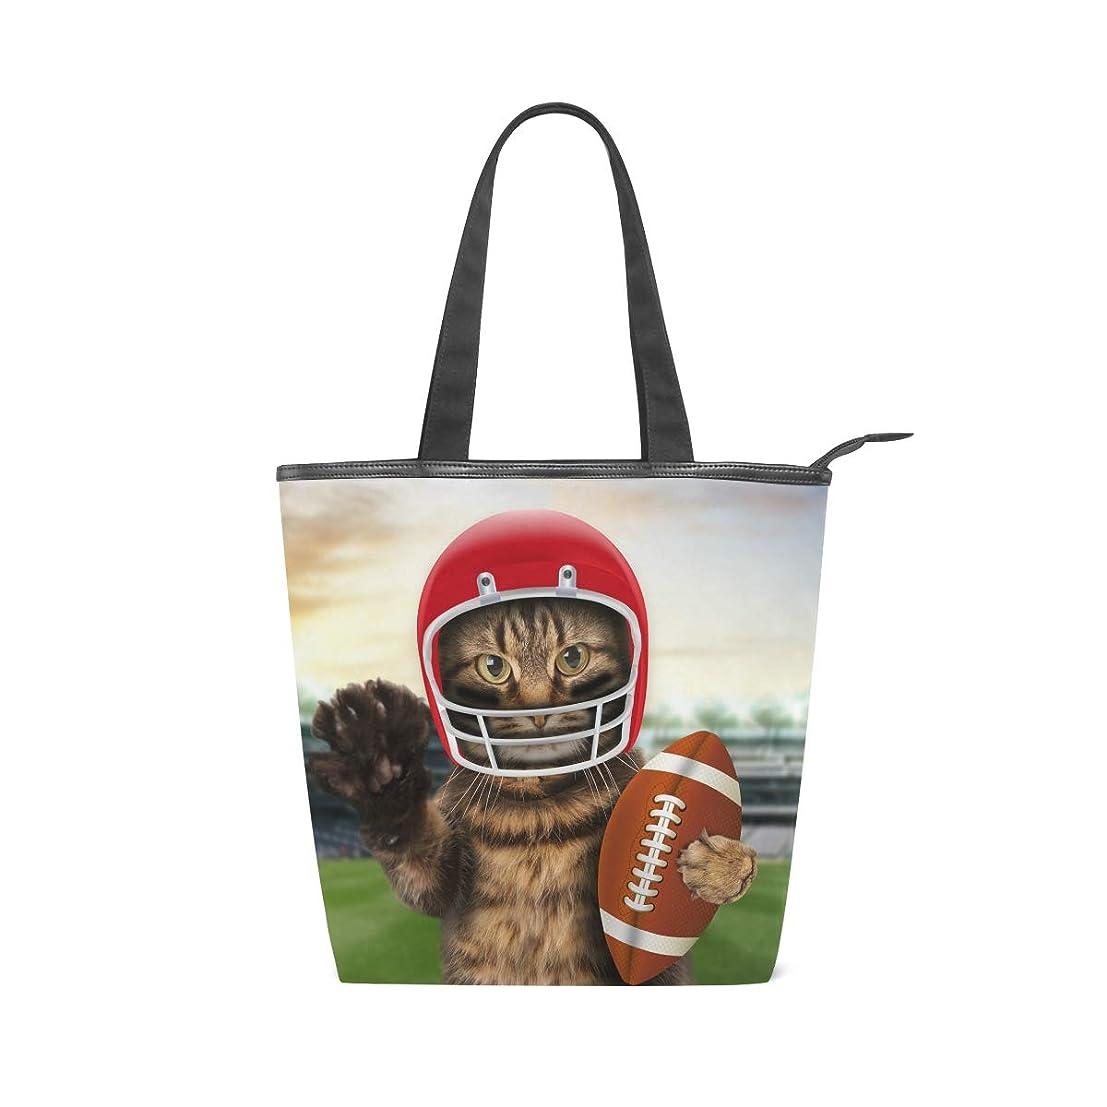 印刷するより平らな時間キャンバス バッグ トートバッグ 多機能 多用途2wayかわいい猫 面白い ショルダー バッグ ハンドバッグ レディース 人気 可愛い 帆布 カジュアル 多機能 両用トートバッグ ァスナー付き ポケット付 Natax